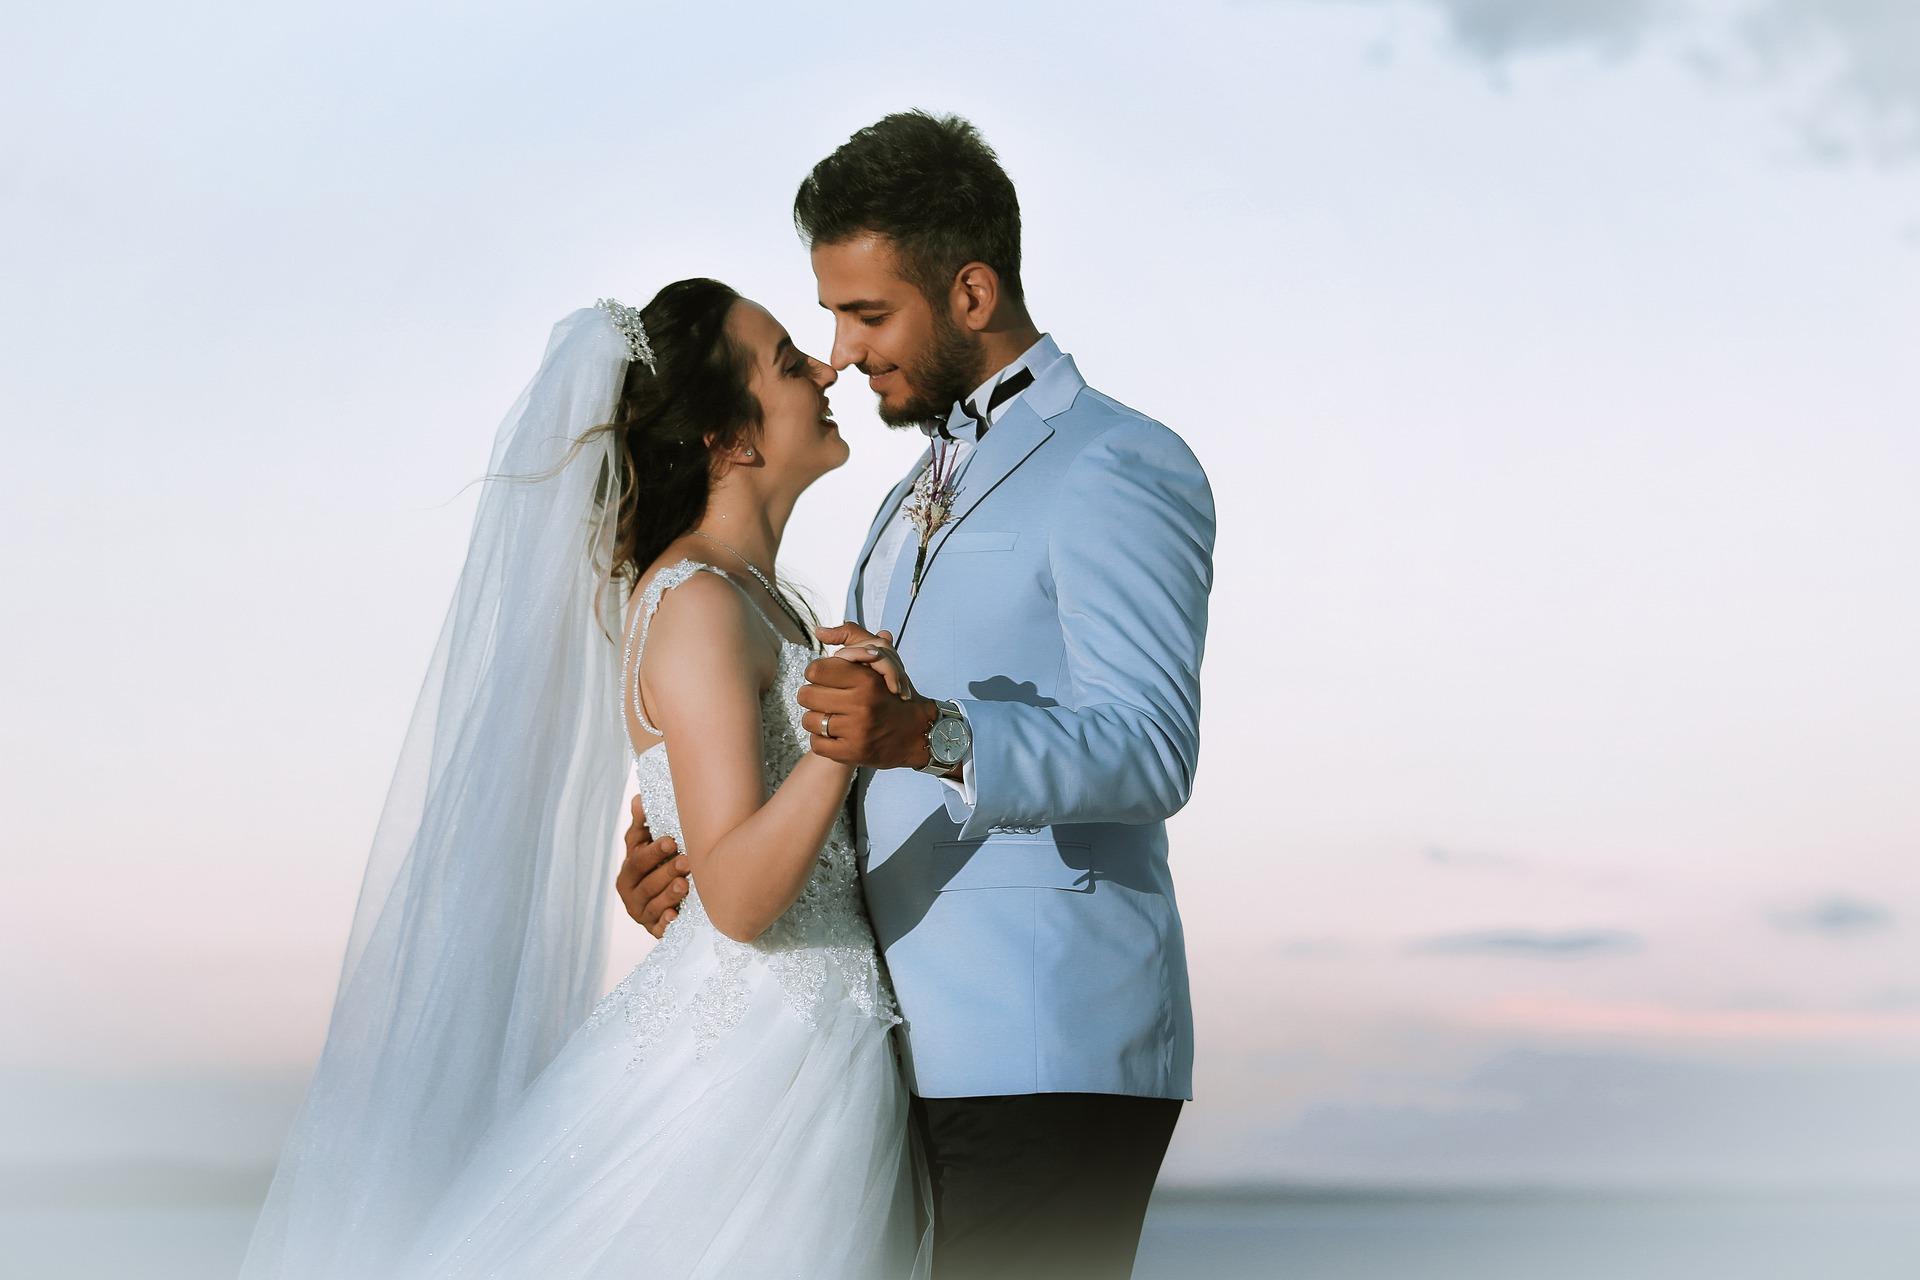 Brak zespołów na weselach